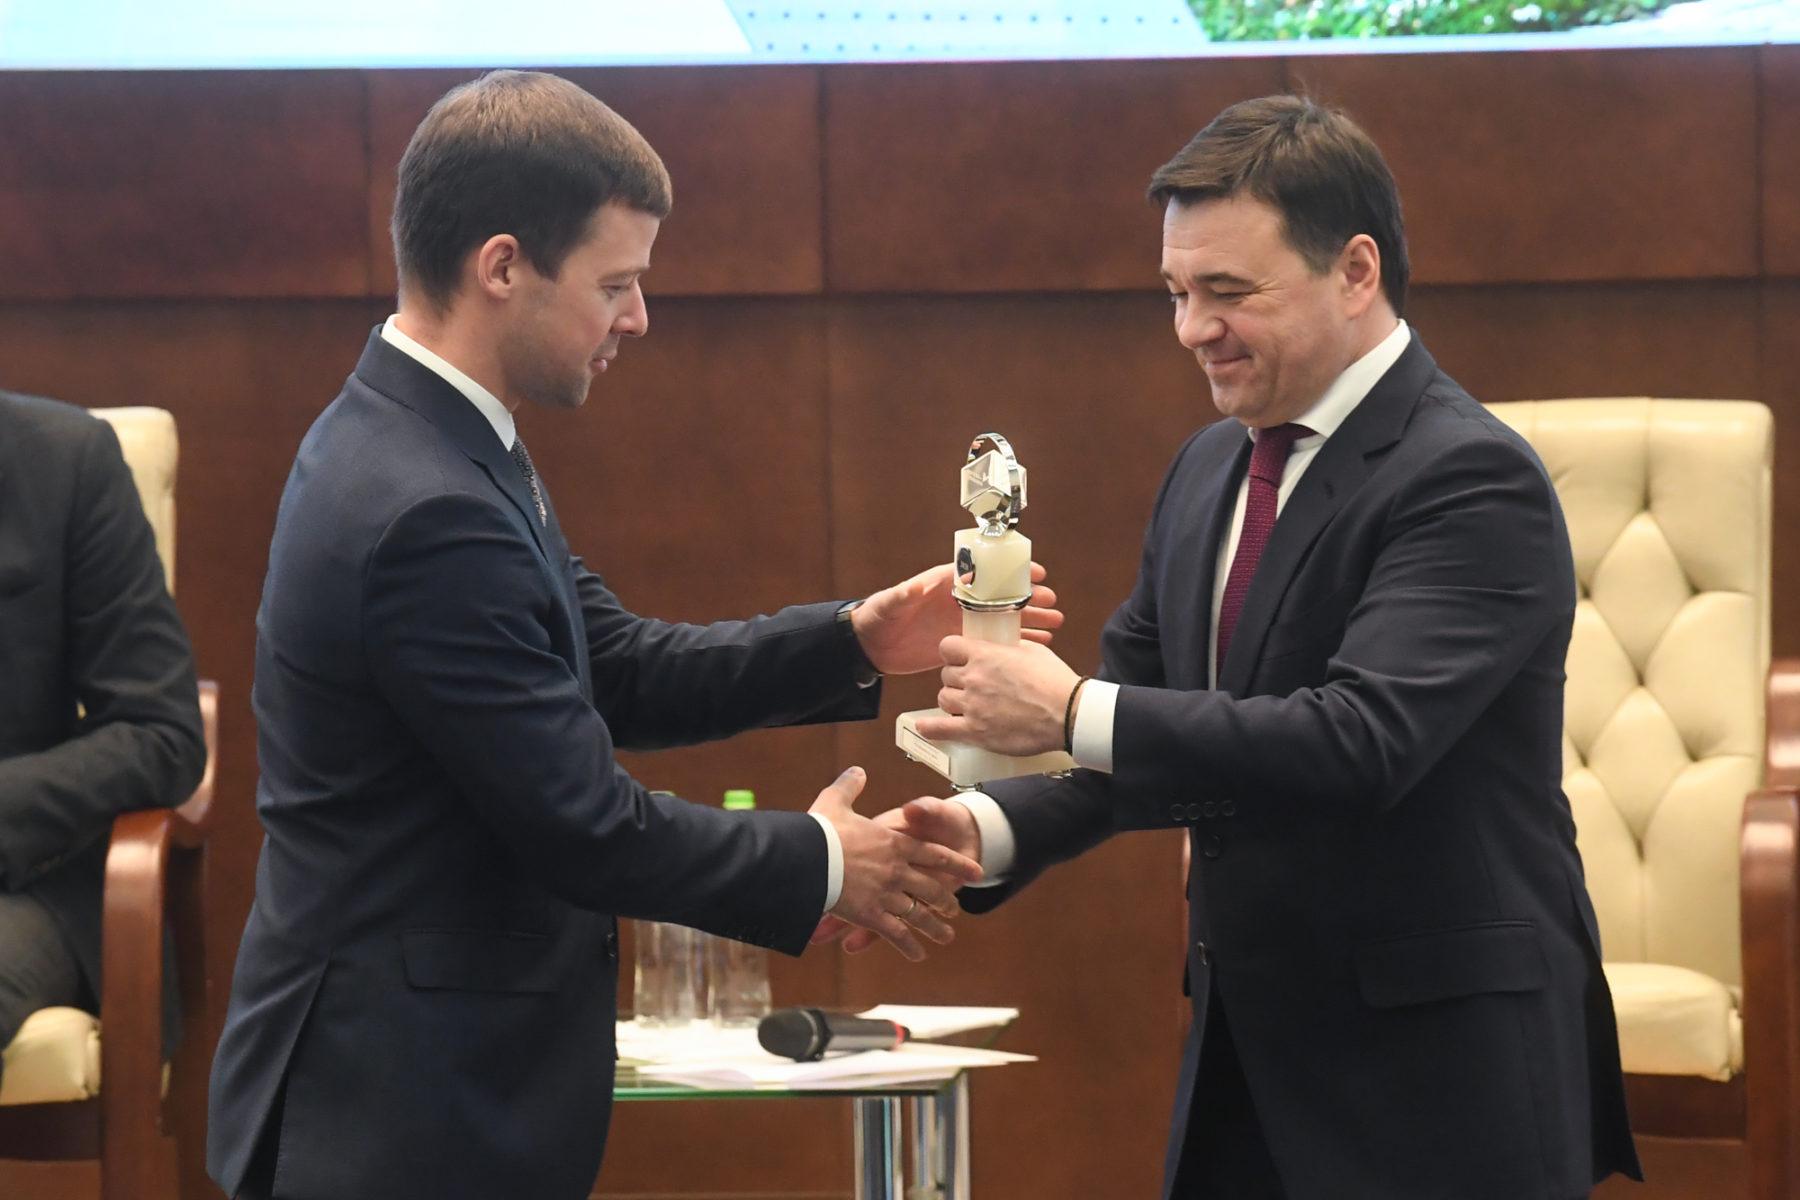 Балашиха получила премию губернатора «Прорыв года» в номинации «Комфортный город»